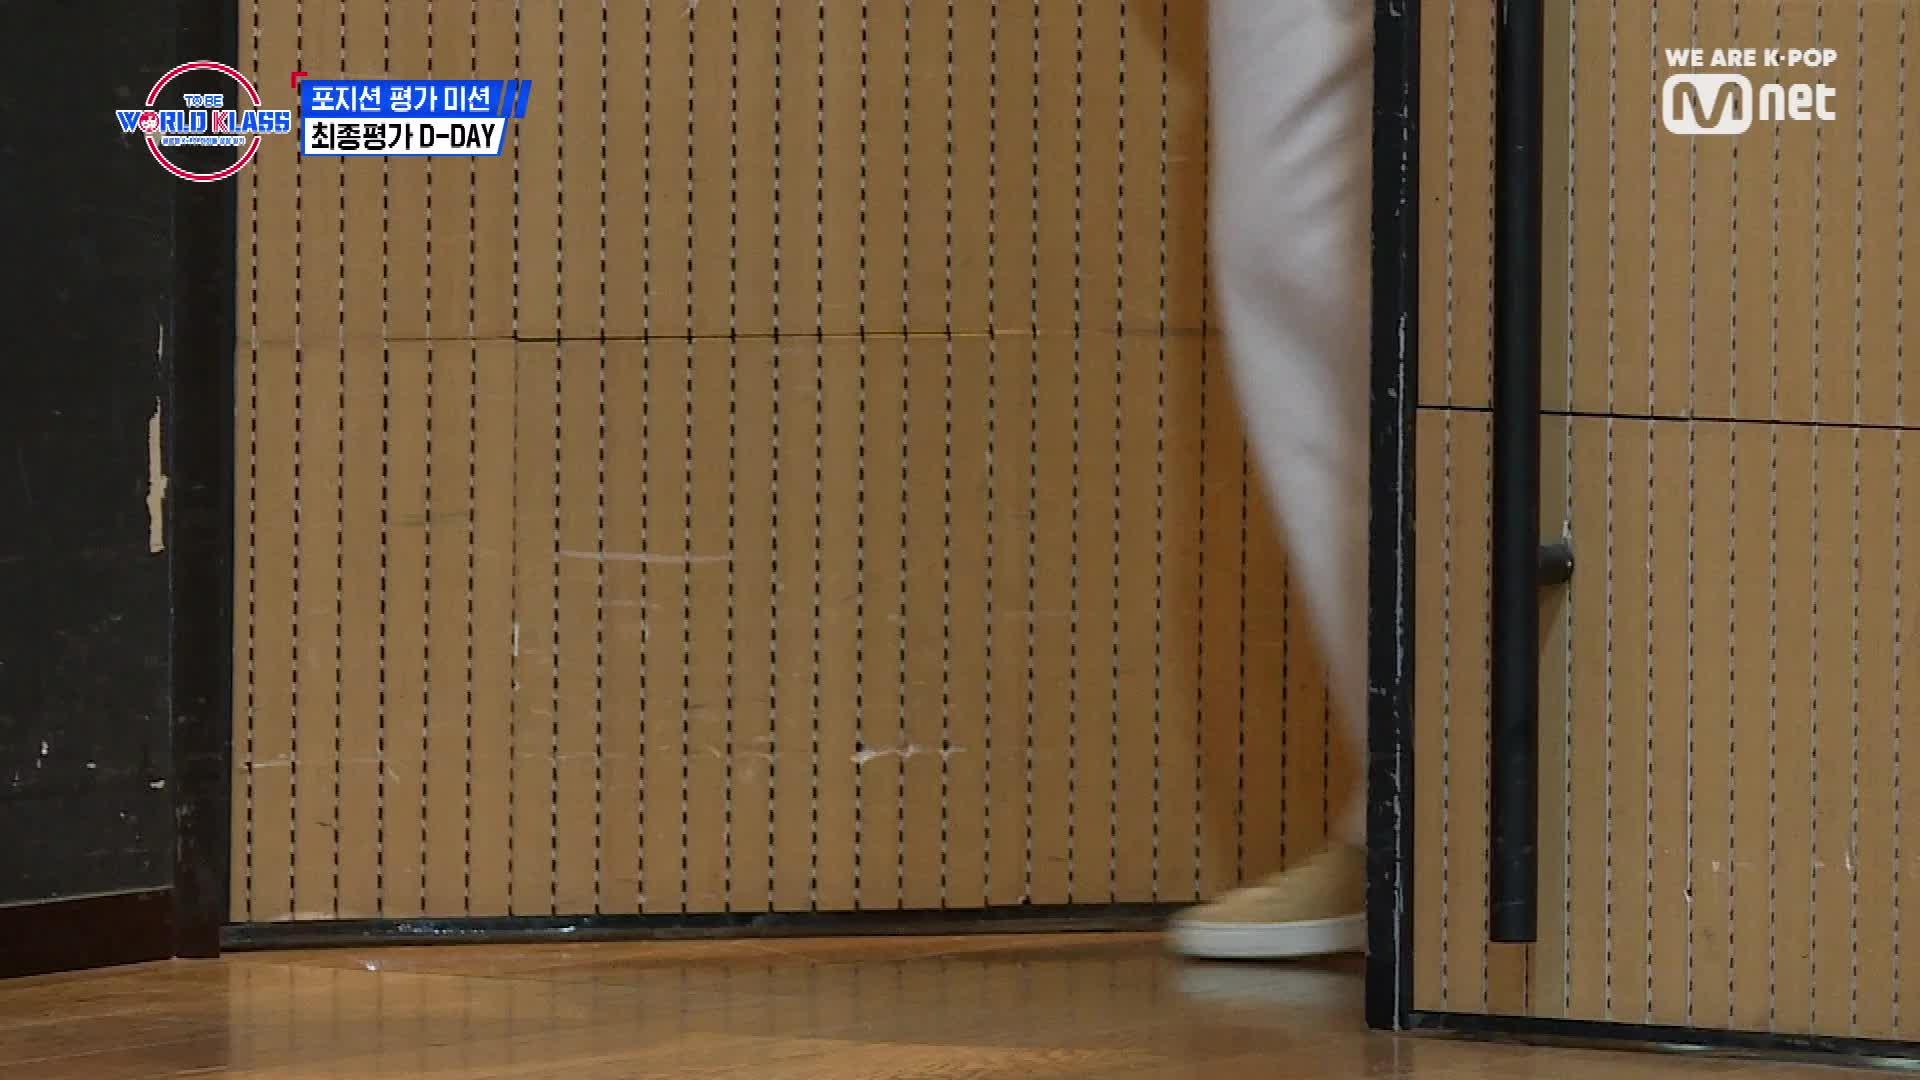 [7회] 'MVP는 베네핏 점수 획득' 기준 점수 80점을 넘어라!